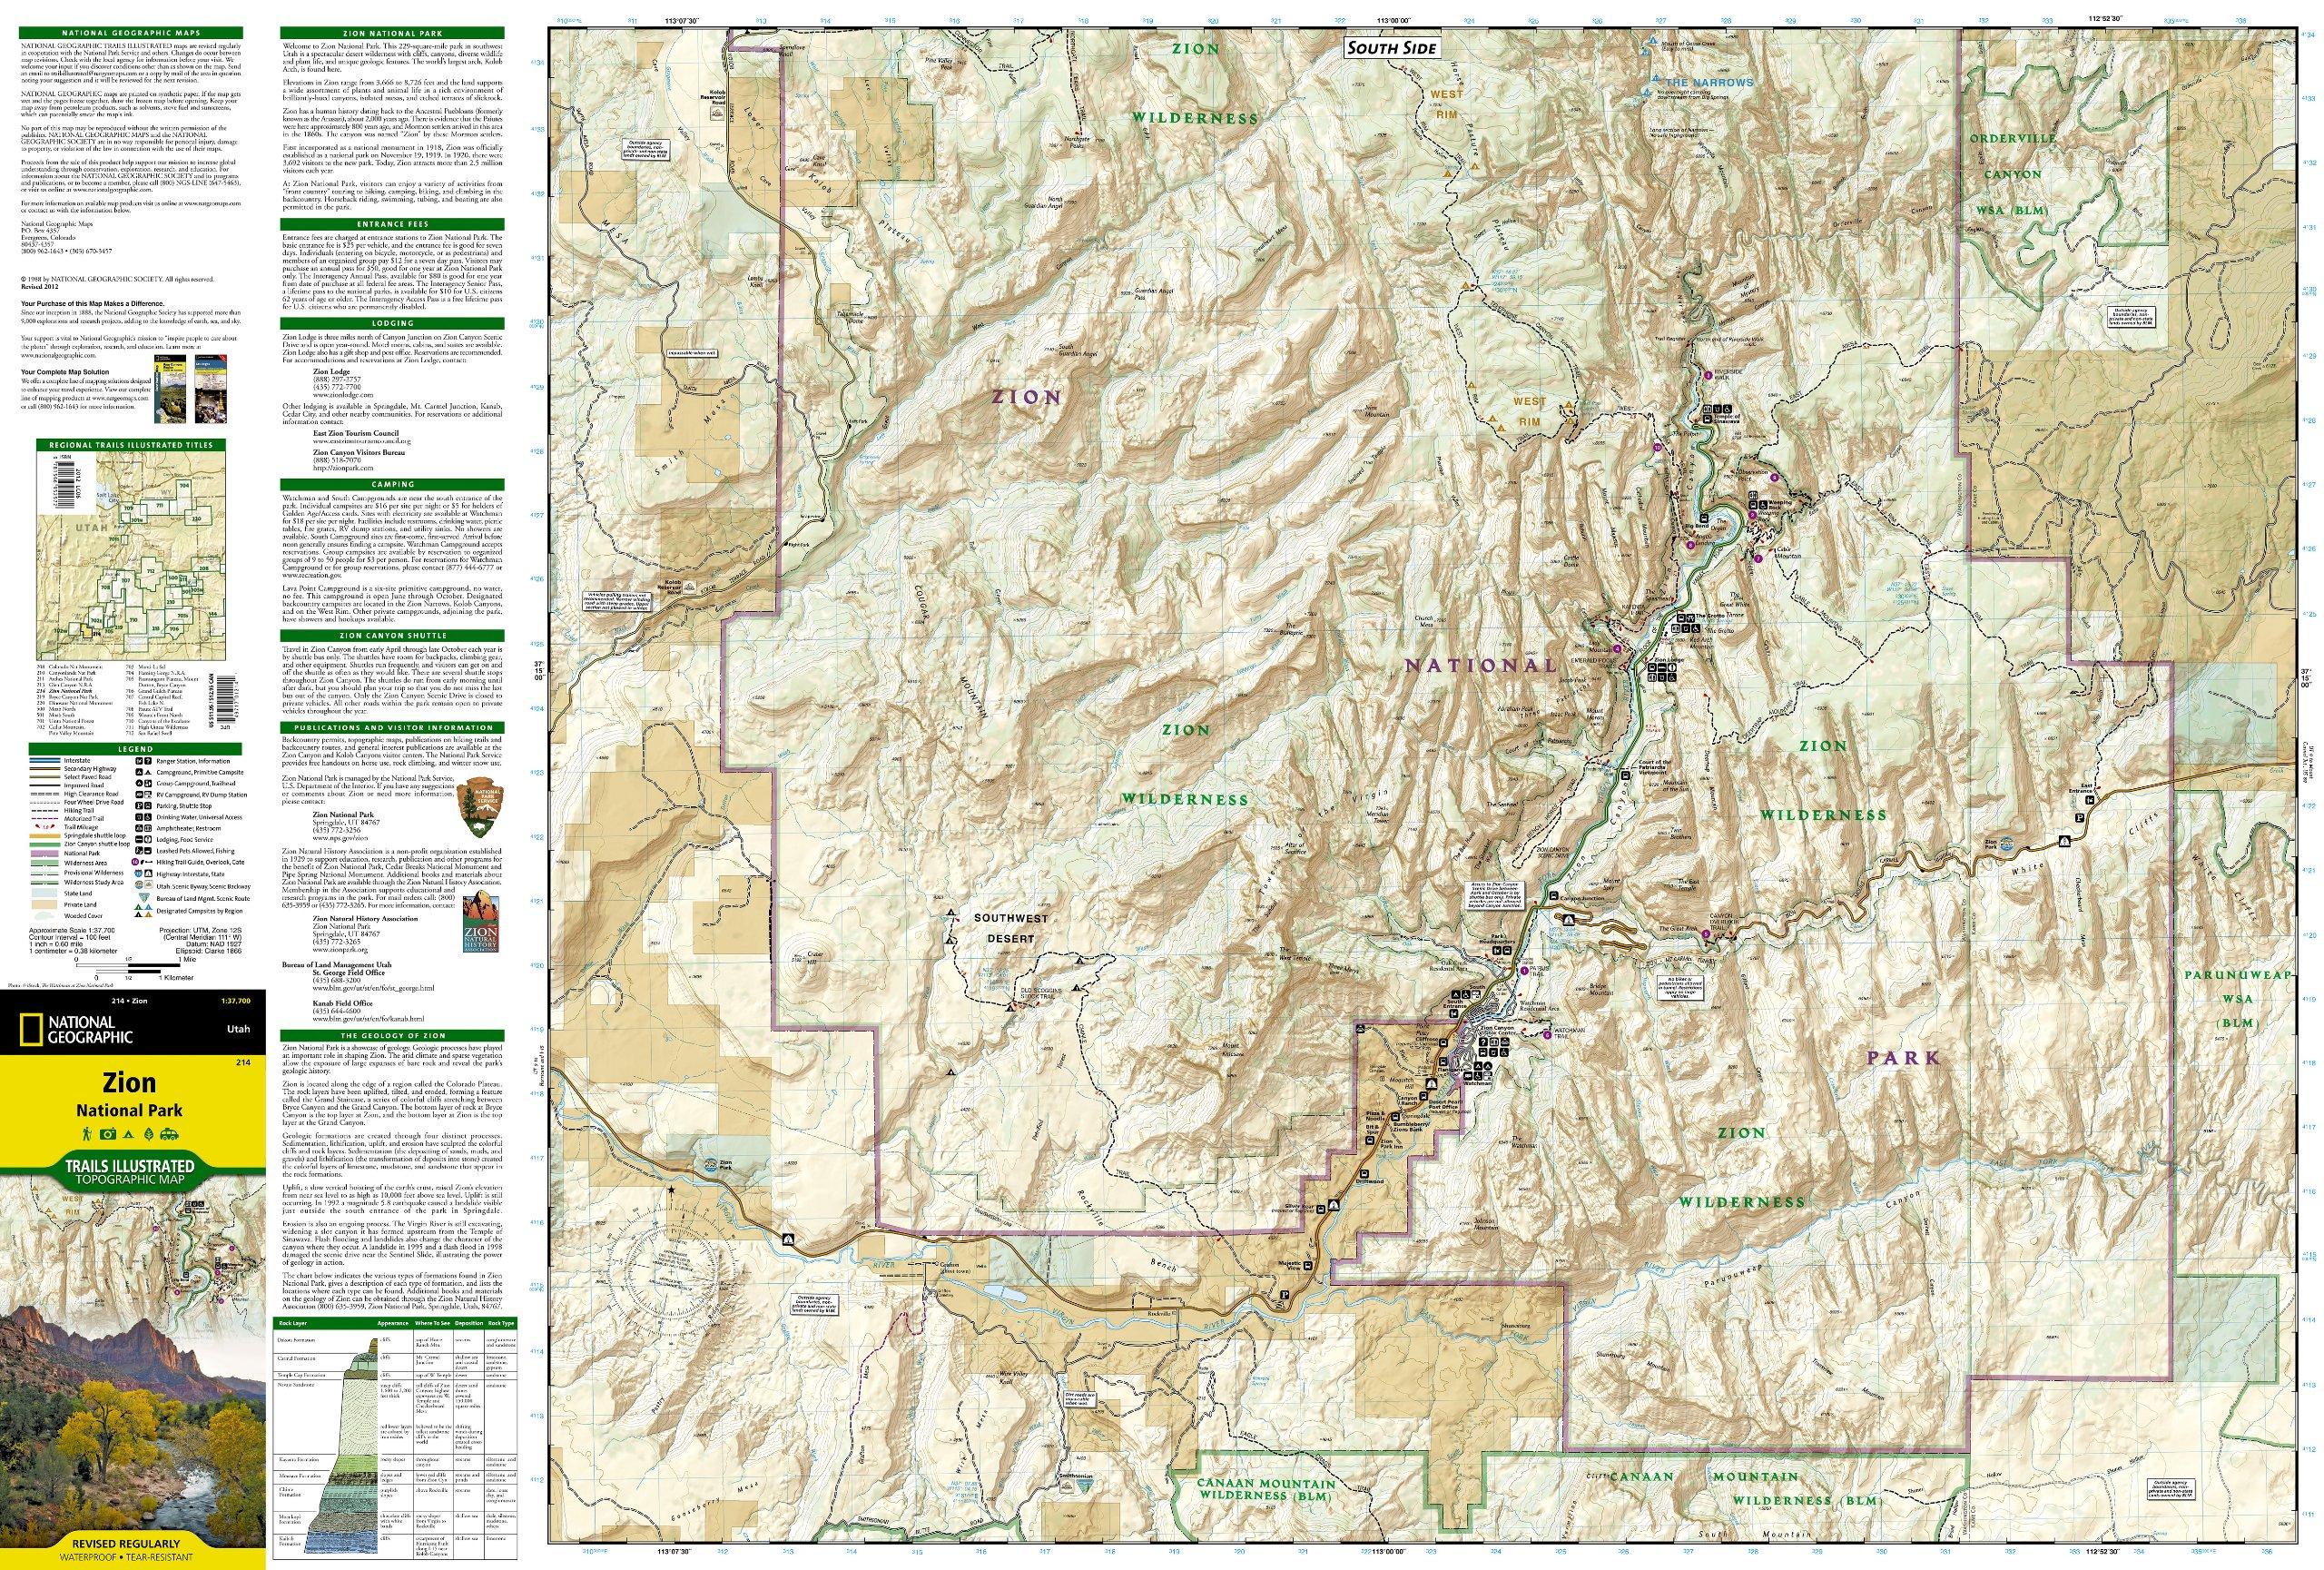 Wandelkaart  Topografische kaart 214 Trails Illustrated Zion